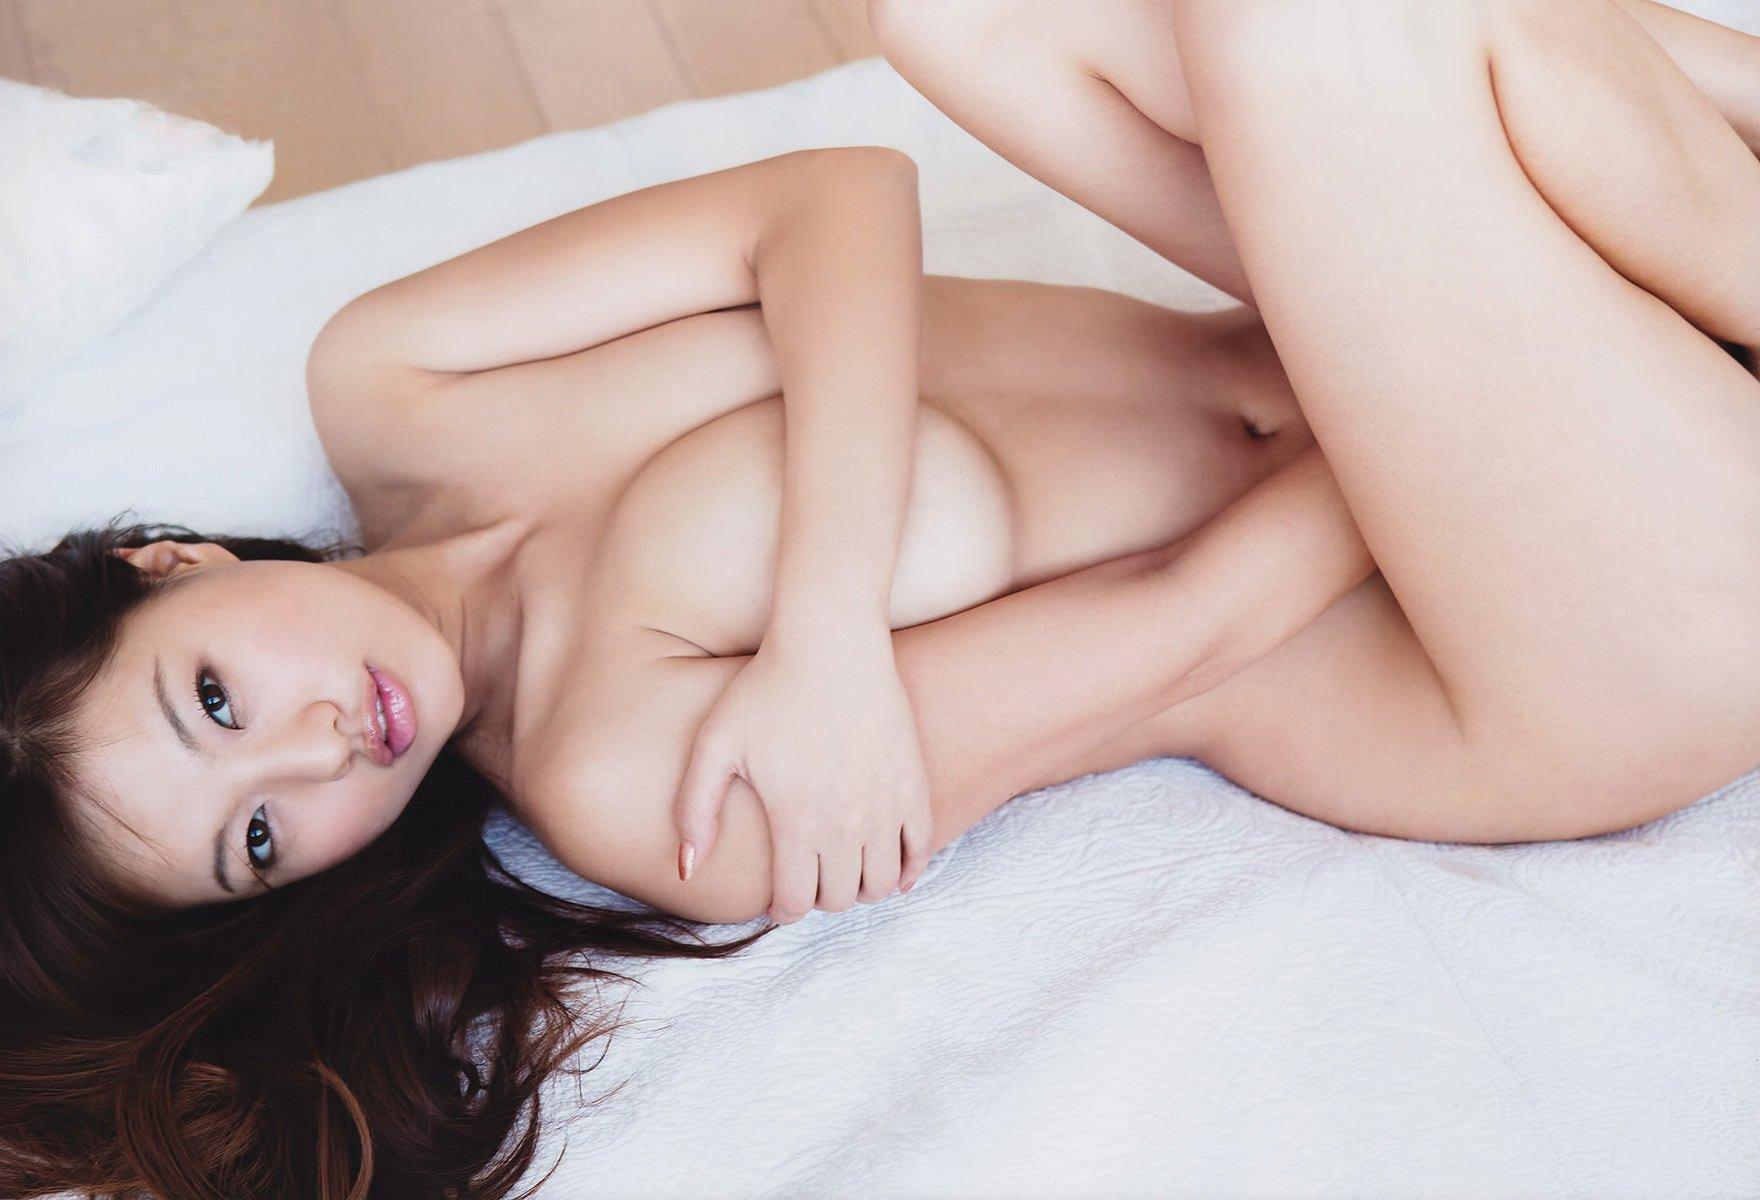 乳首だけ隠すセミヌードの芸能人 (12)